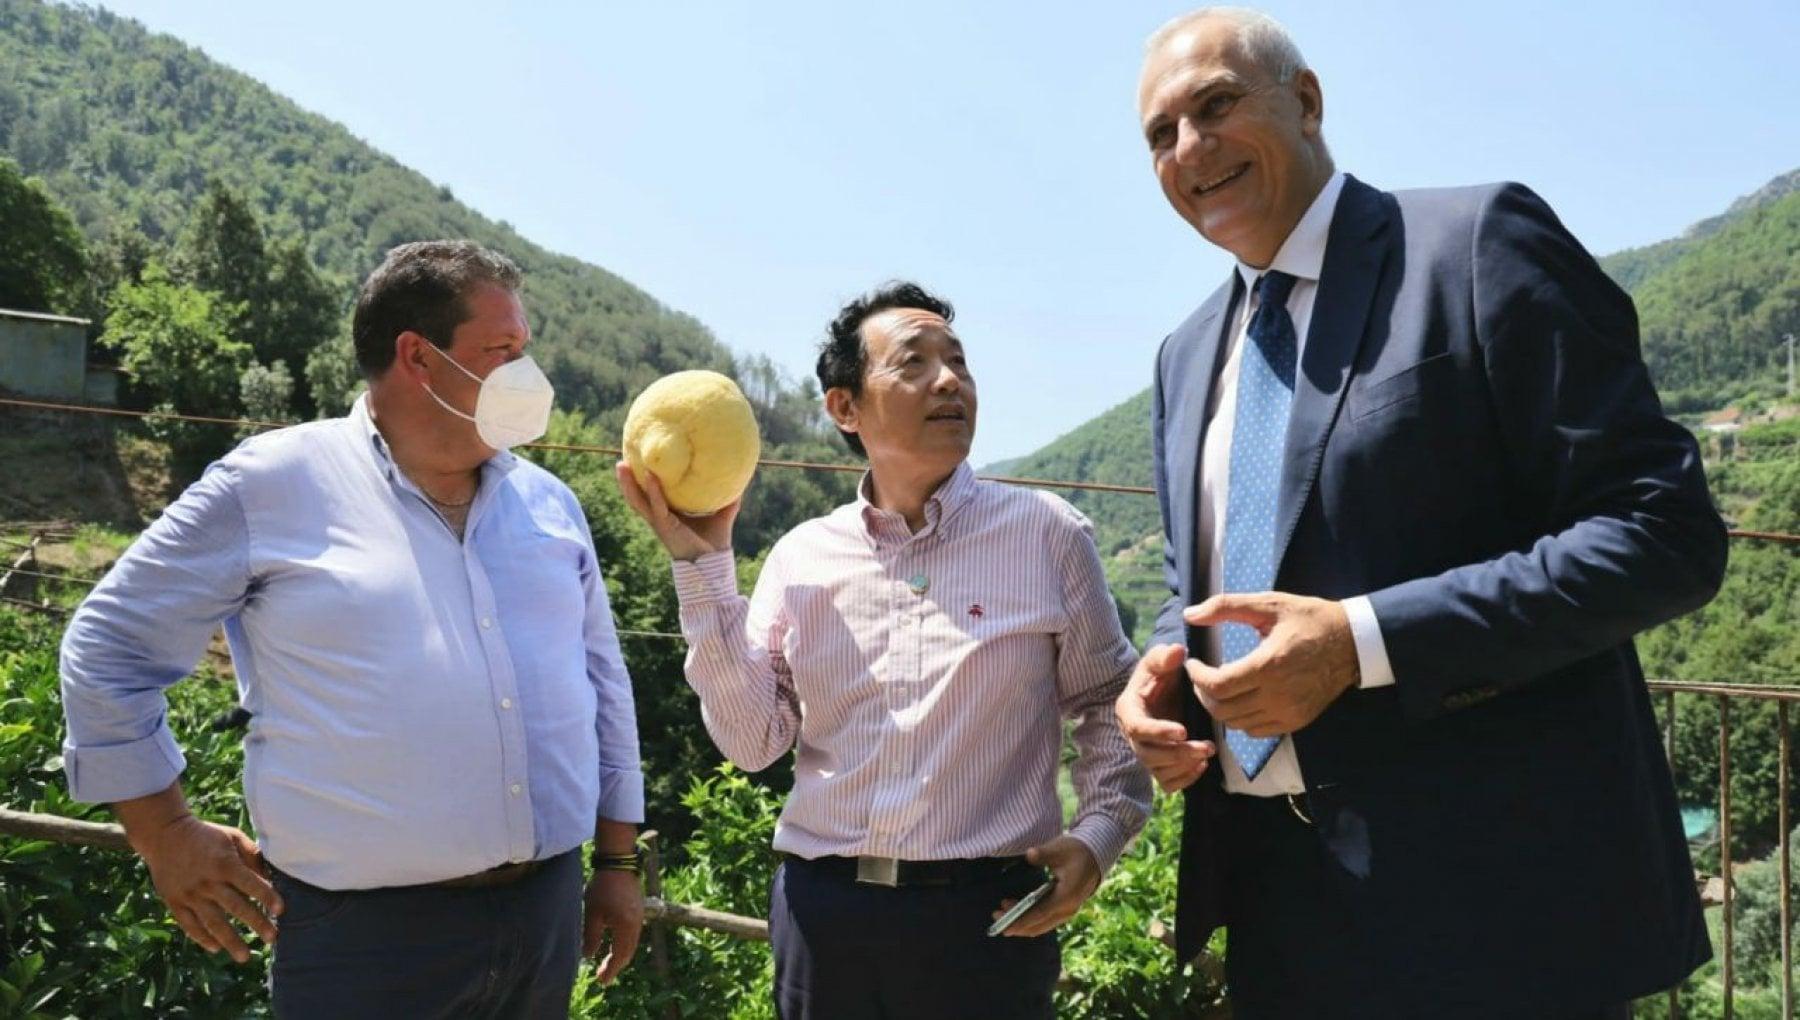 G20 a Napoli, il direttore generale della Fao in visita alle eccellenze  della produzione agricola campana - la Repubblica